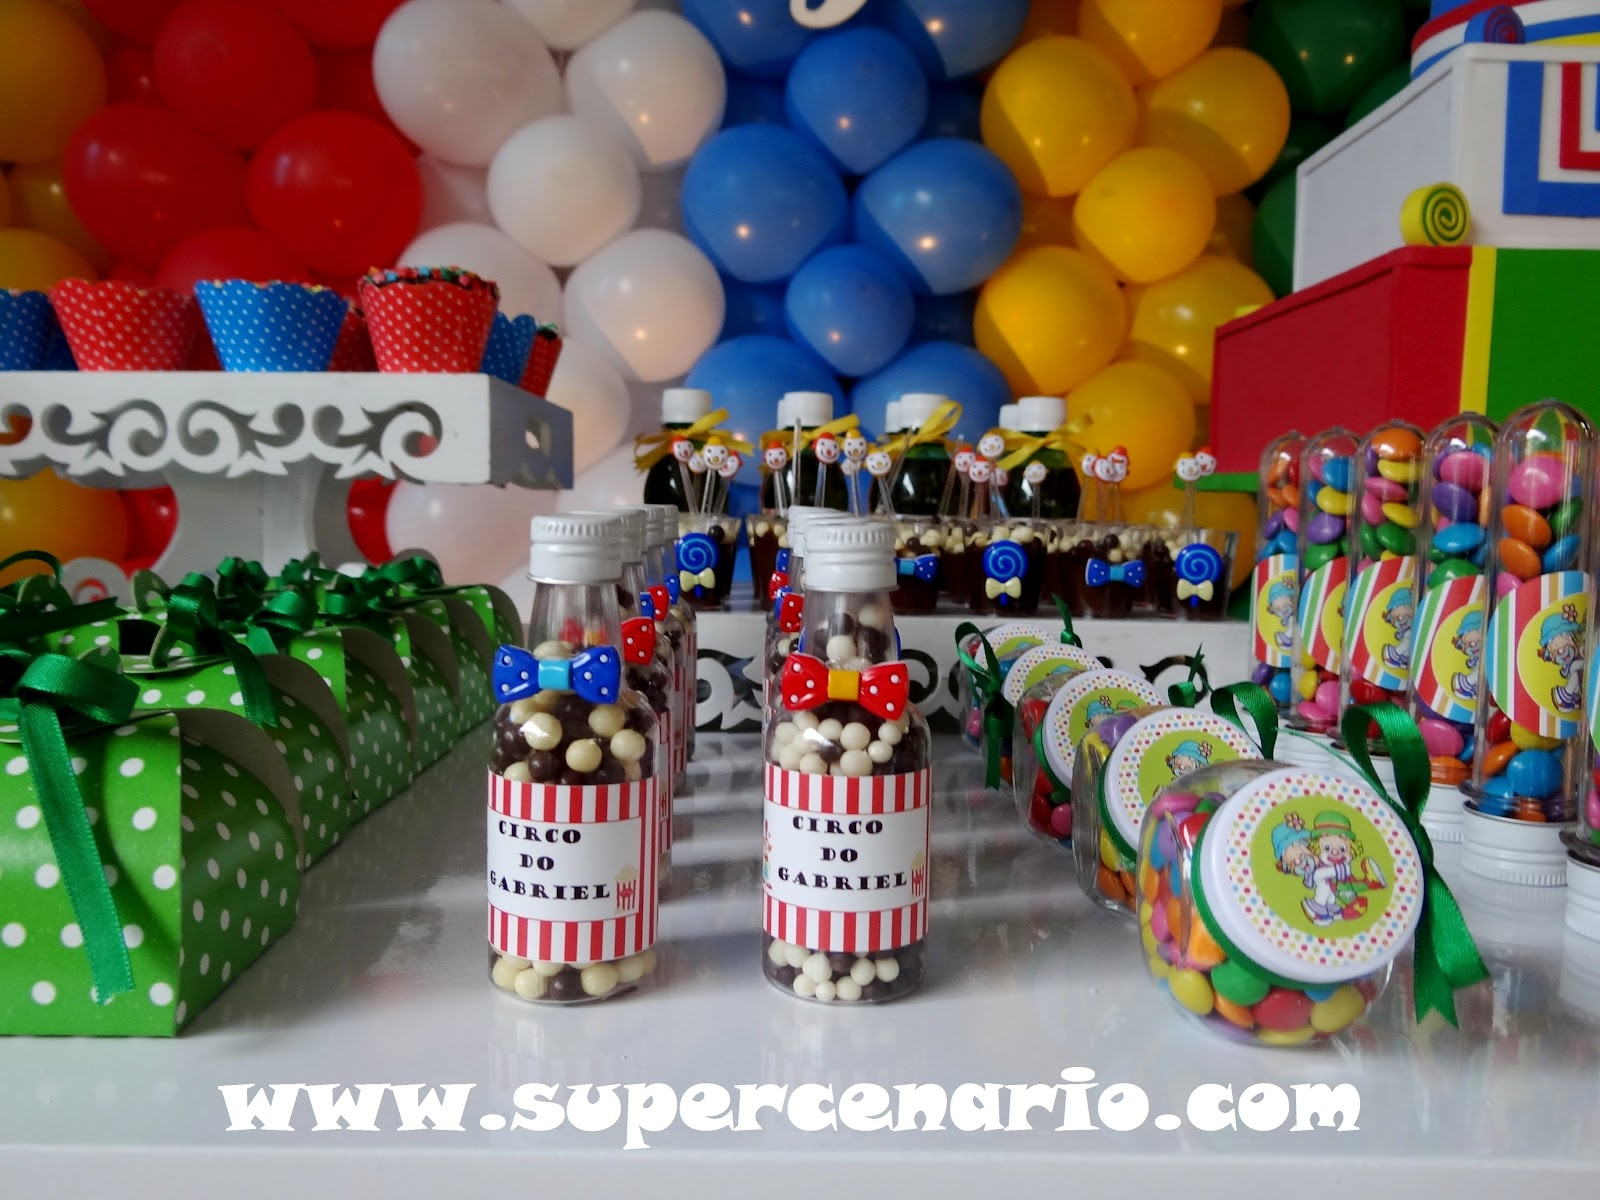 Super Festa Infantil Decoração Clean nas festas infantis Um estilo